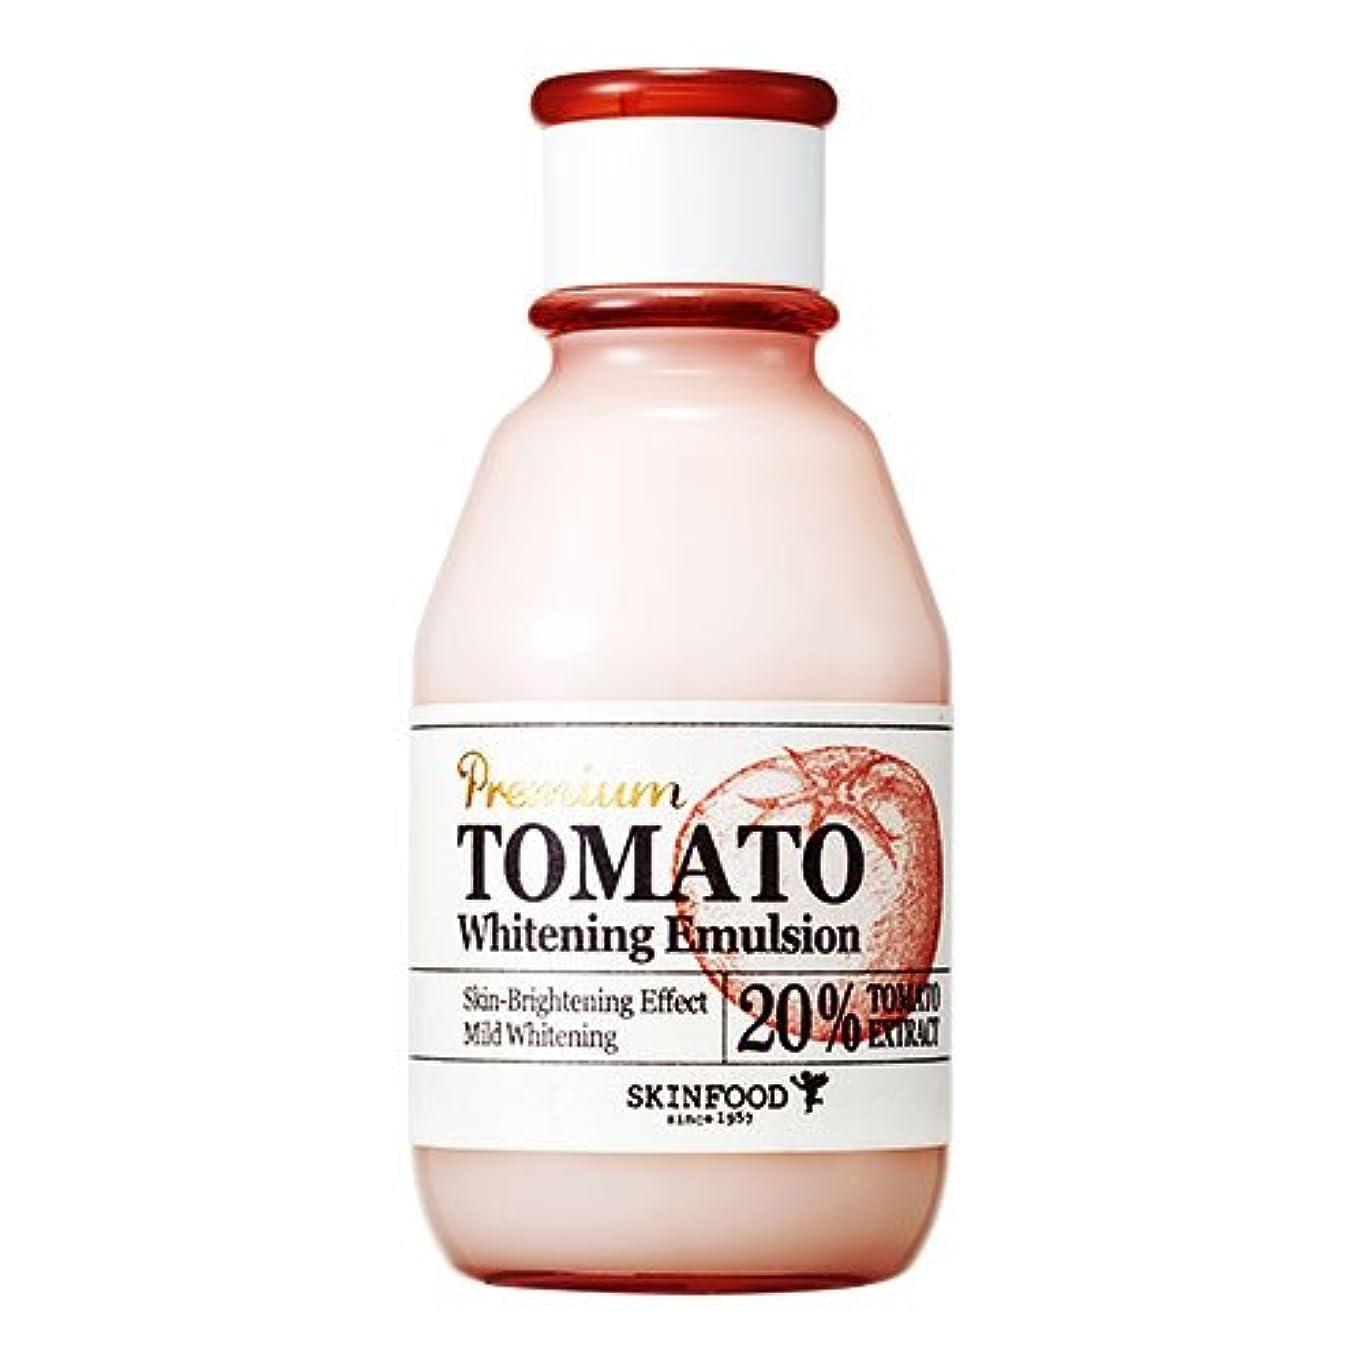 サバントコールリンス[スキンフード] SKINFOOD プレミアムトマトホワイトニングエマルジョン Premium Tomato Whitening Emulsion (海外直送品) [並行輸入品]